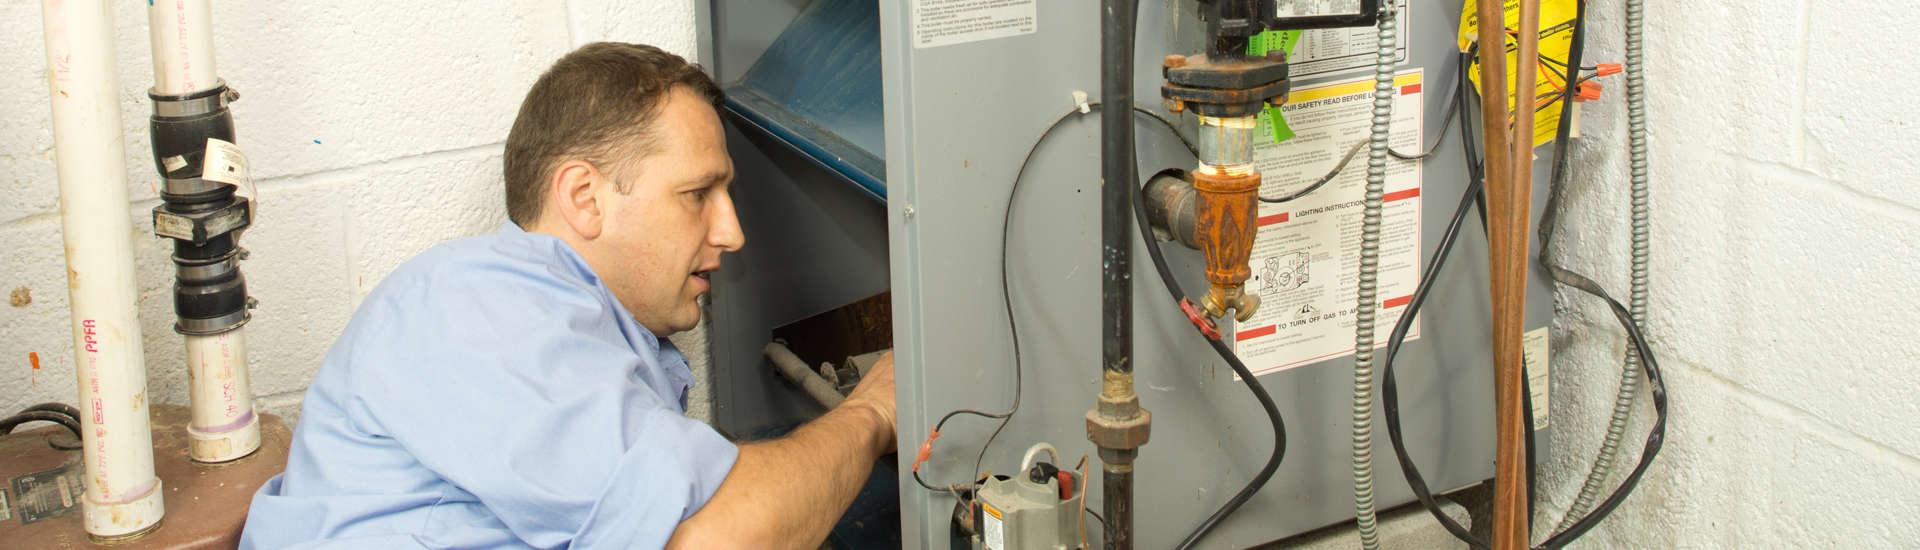 Heating Contractor El Paso IL